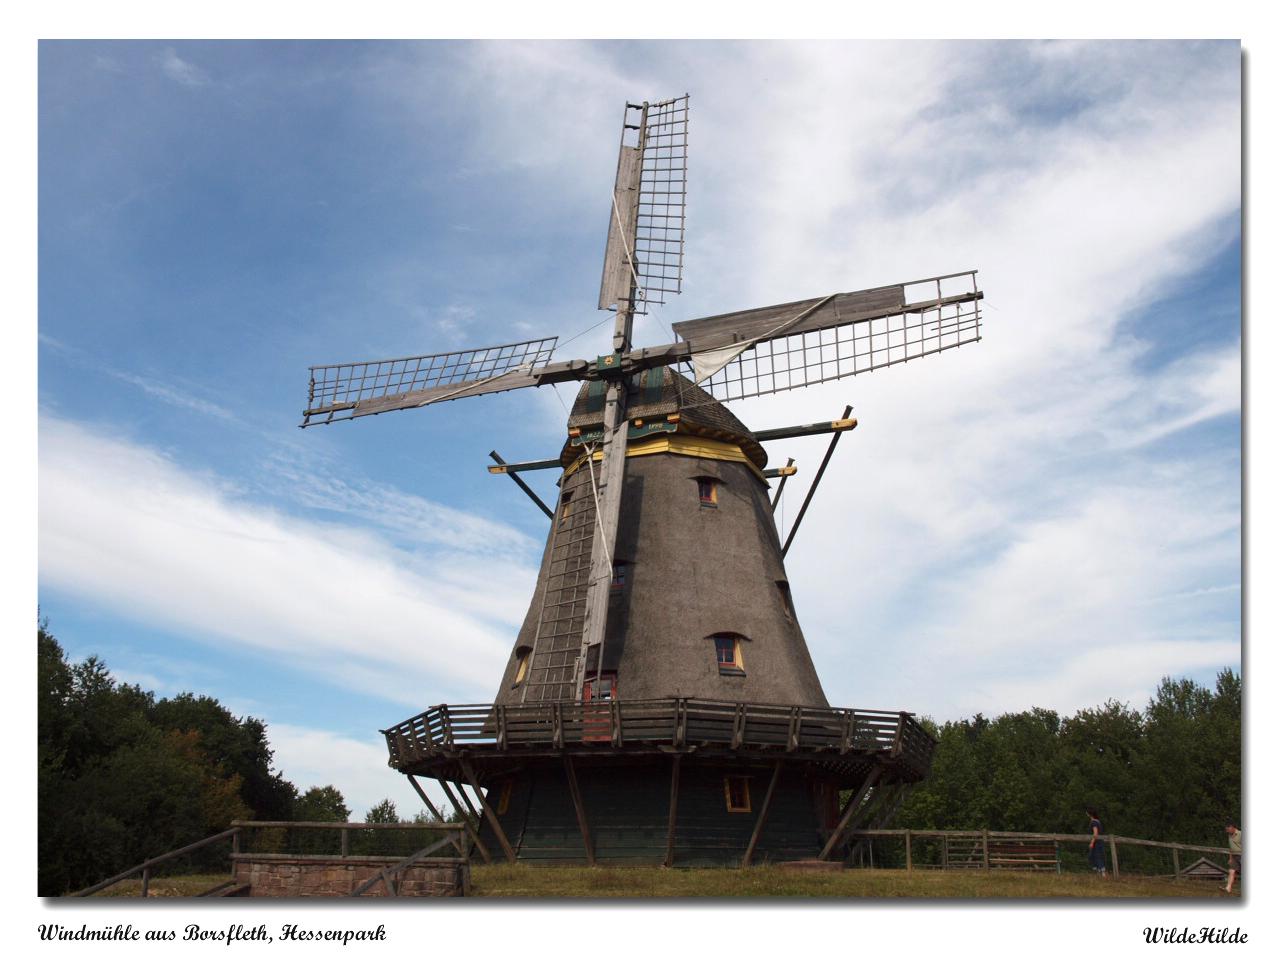 Kappwindmühle aus Borsfleth, Hessenpark